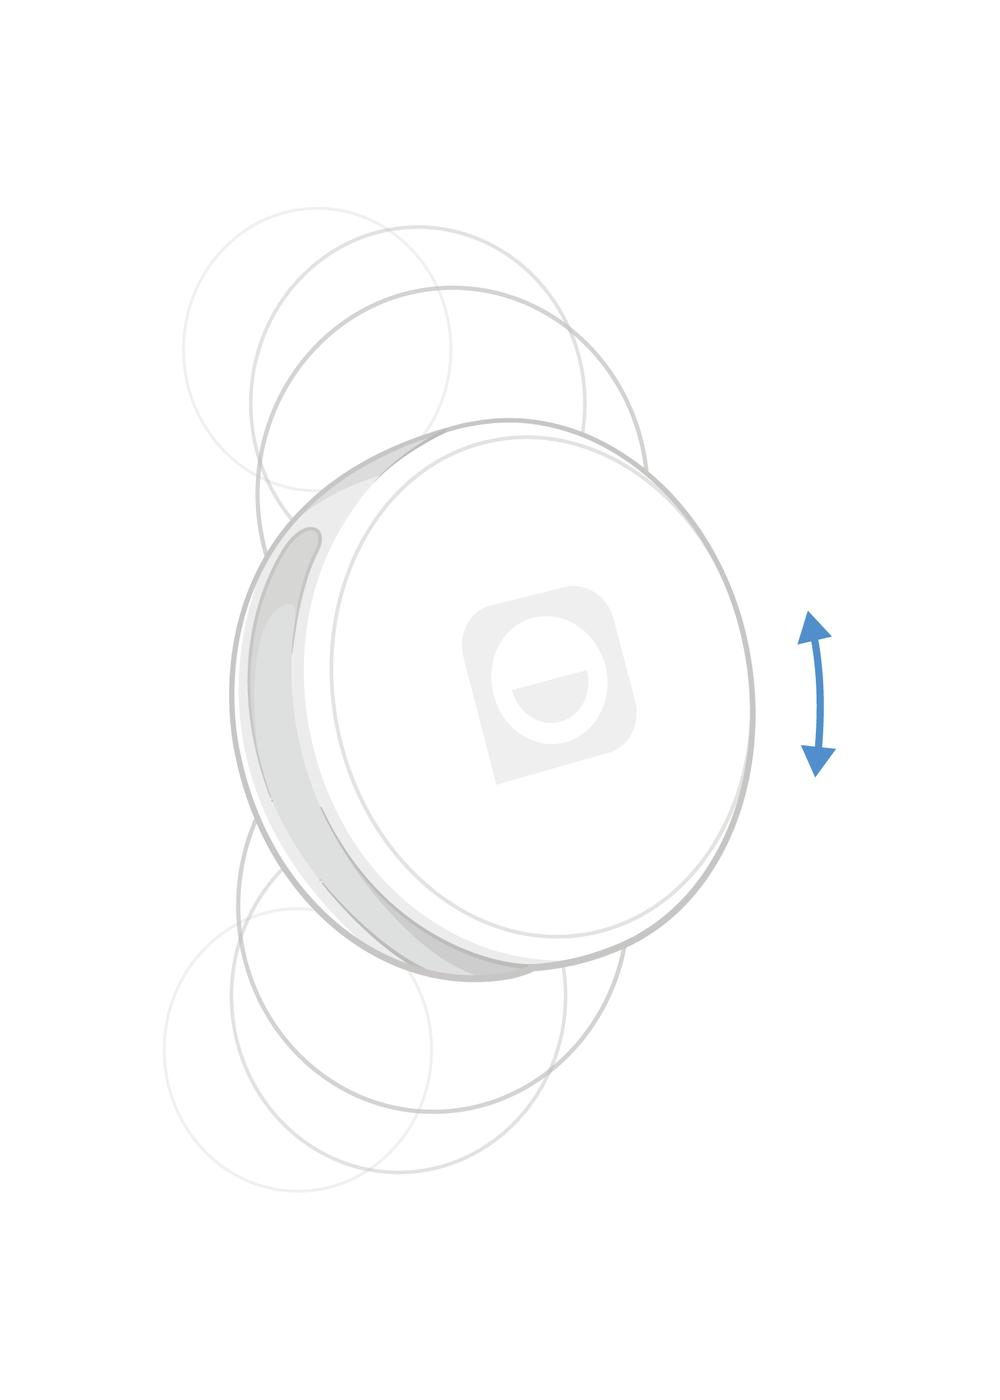 Sense-illustrations(1.6)_Artboard 17 copy 21.png